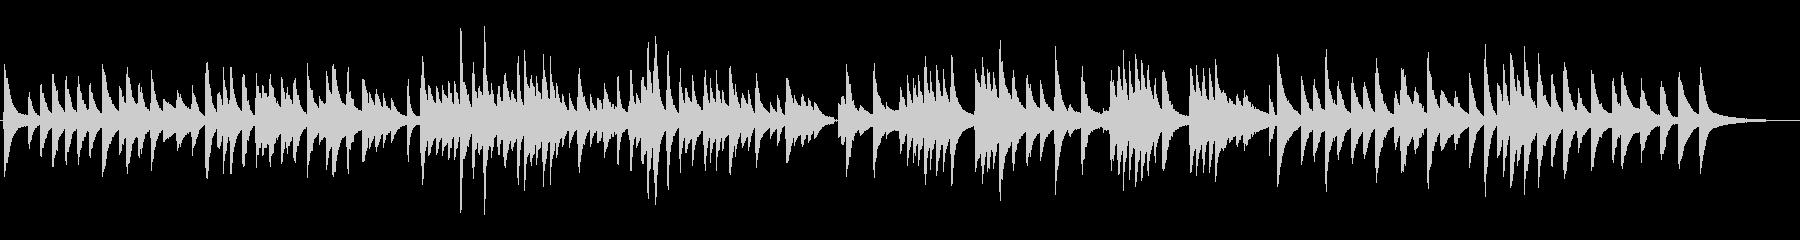 悲しくて切ないジャズラウンジピアノソロの未再生の波形